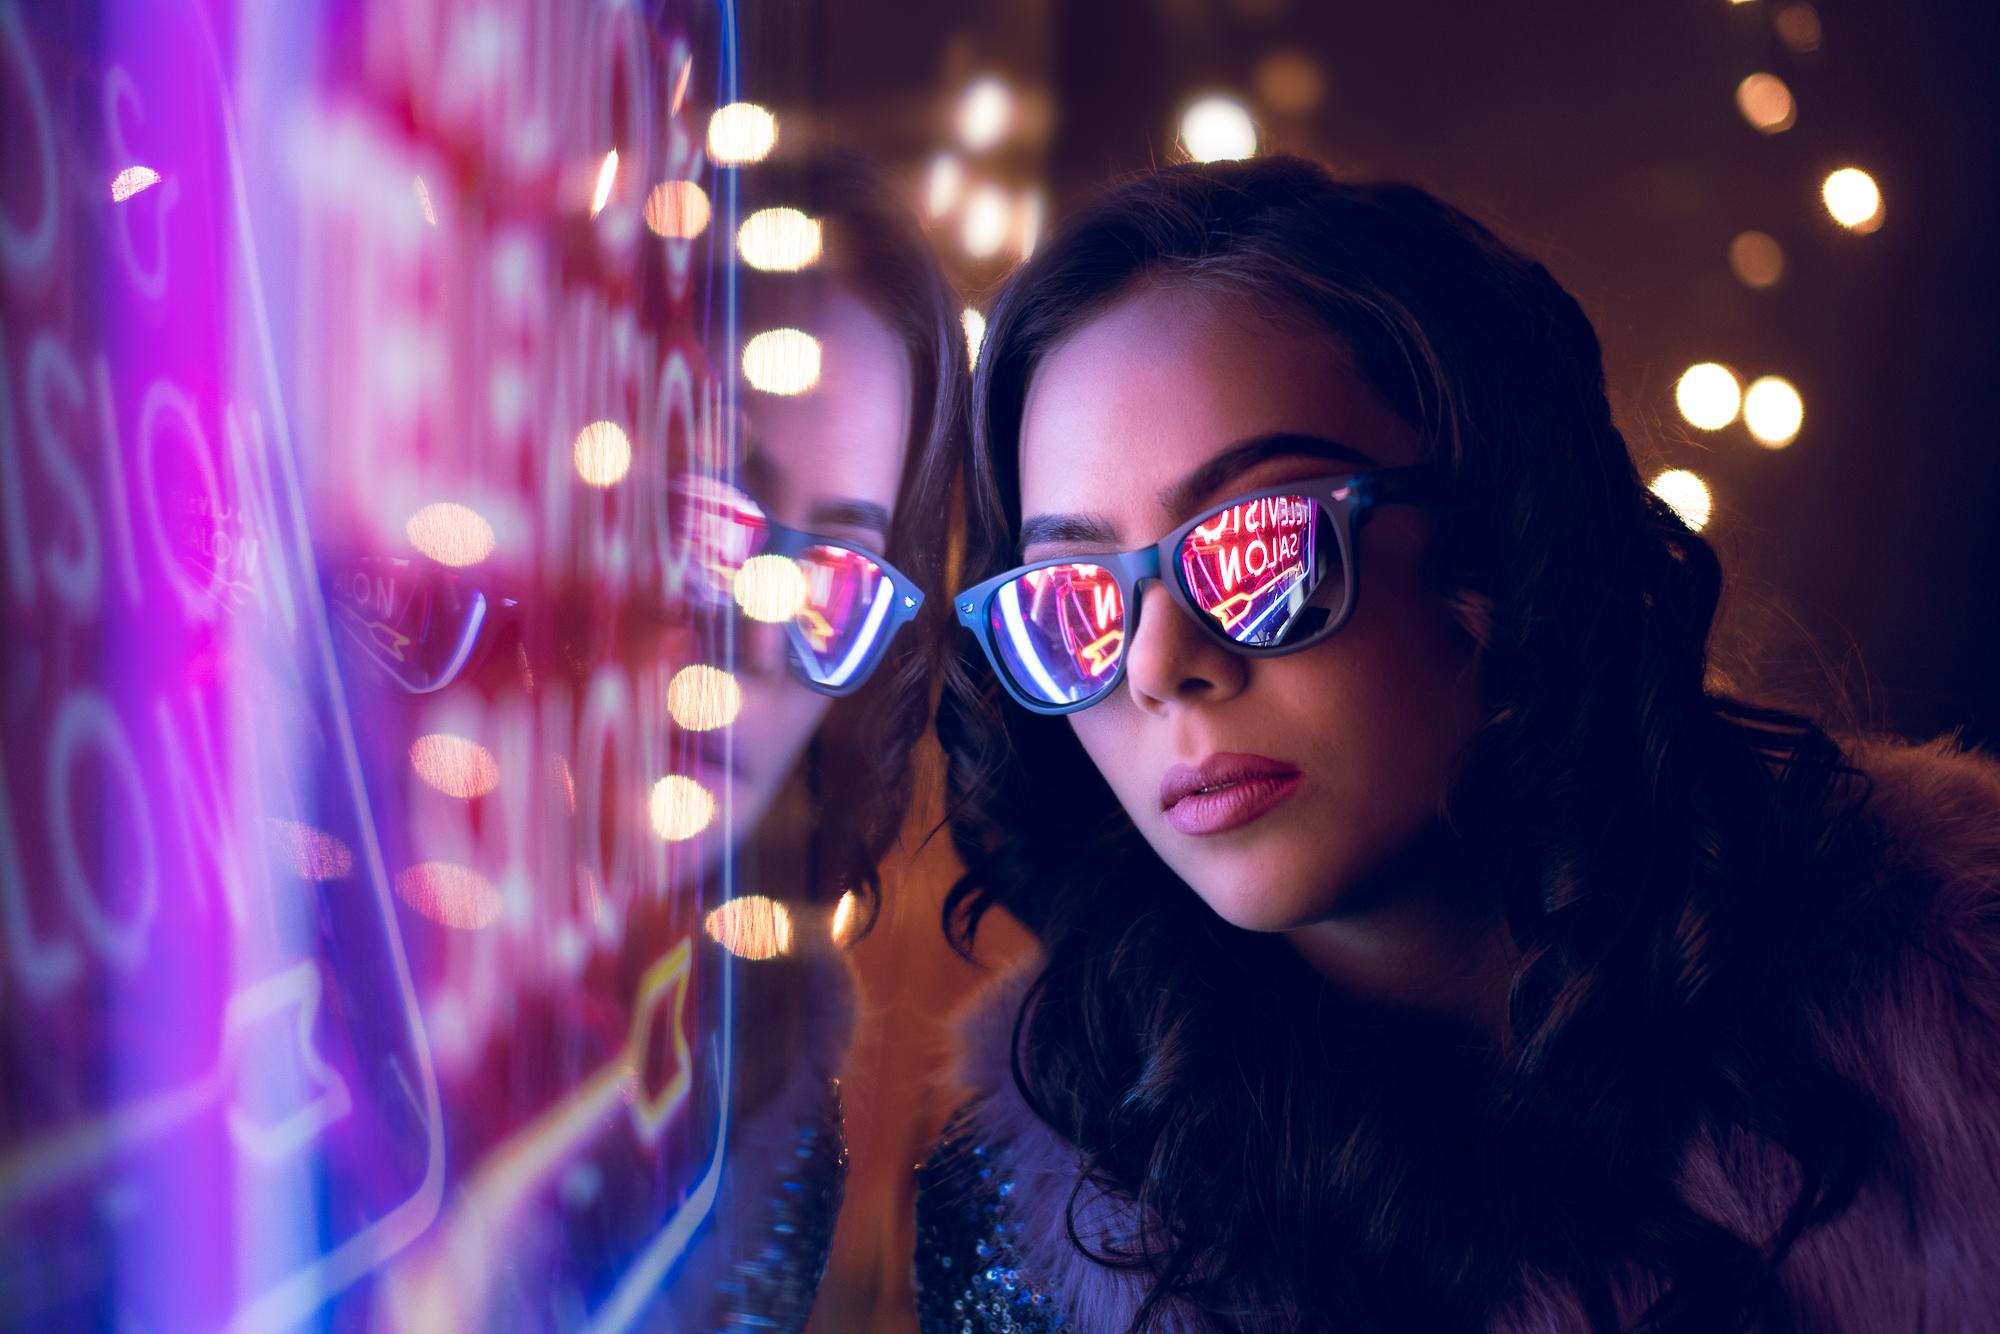 Atlanta / Gwinnett Fun Neon Photoshoot.